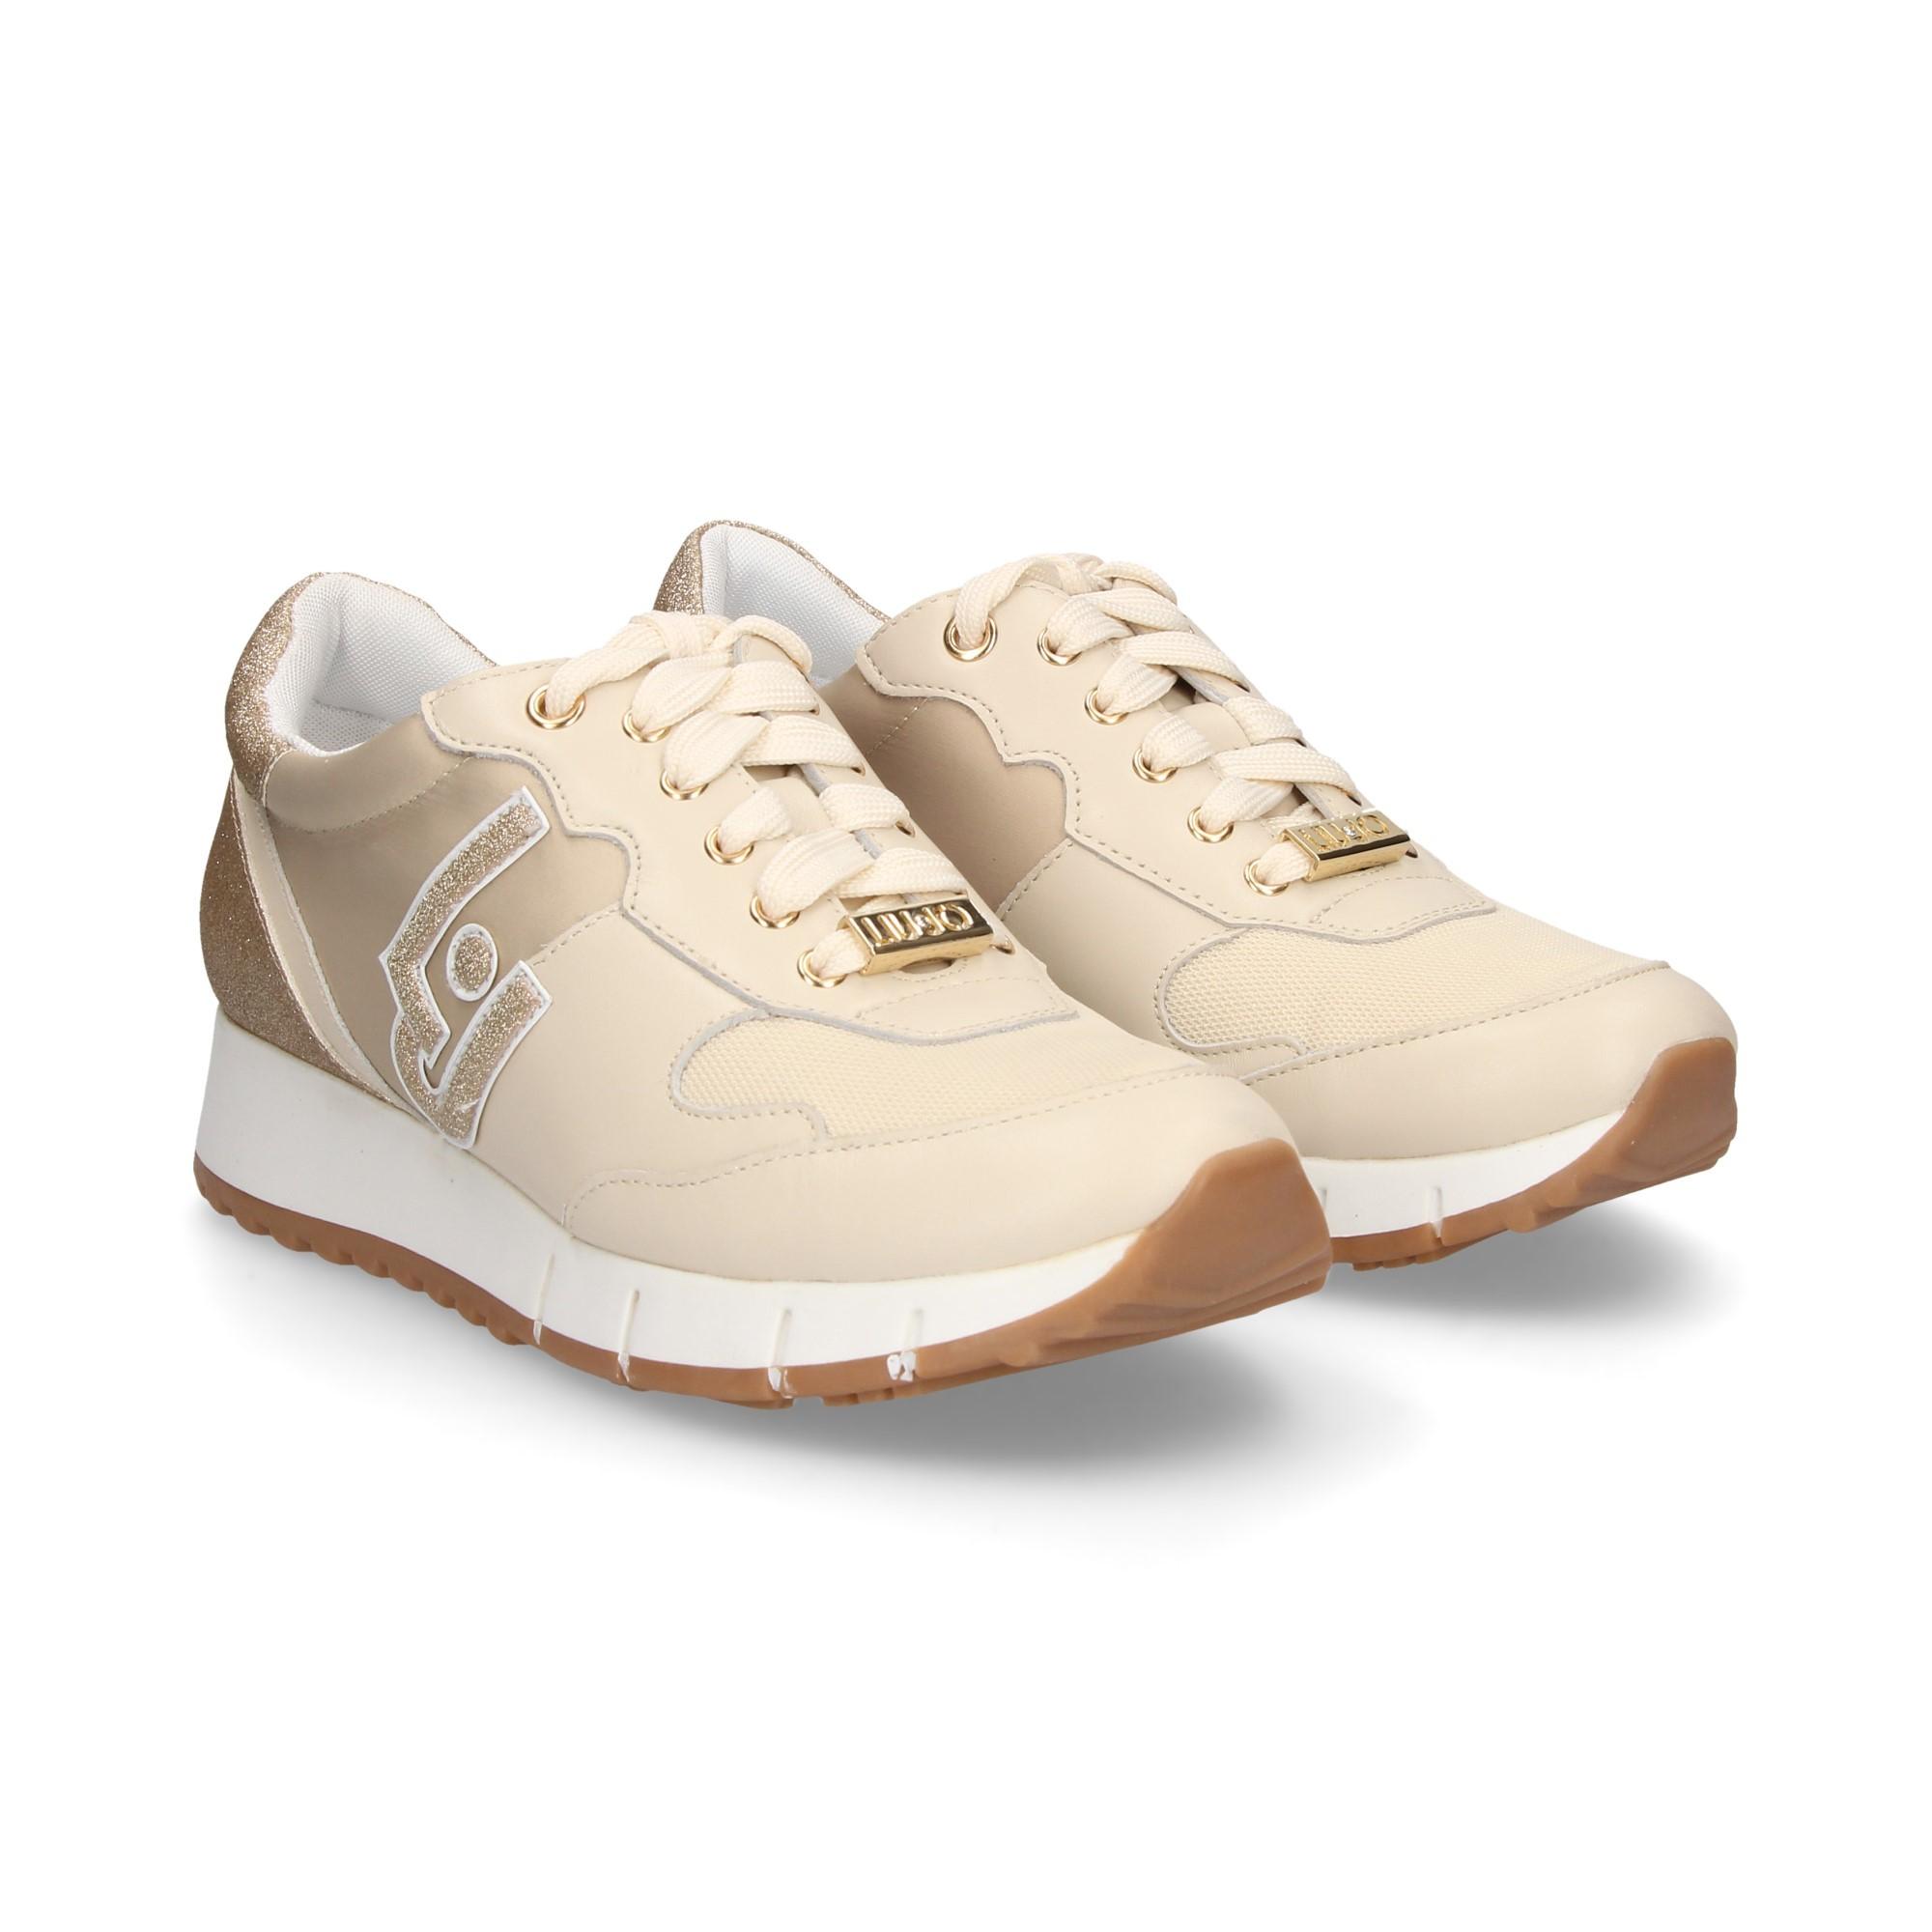 LIU·JO Chaussures de sport pour femmes B19019 PX028 S1401 CREAM